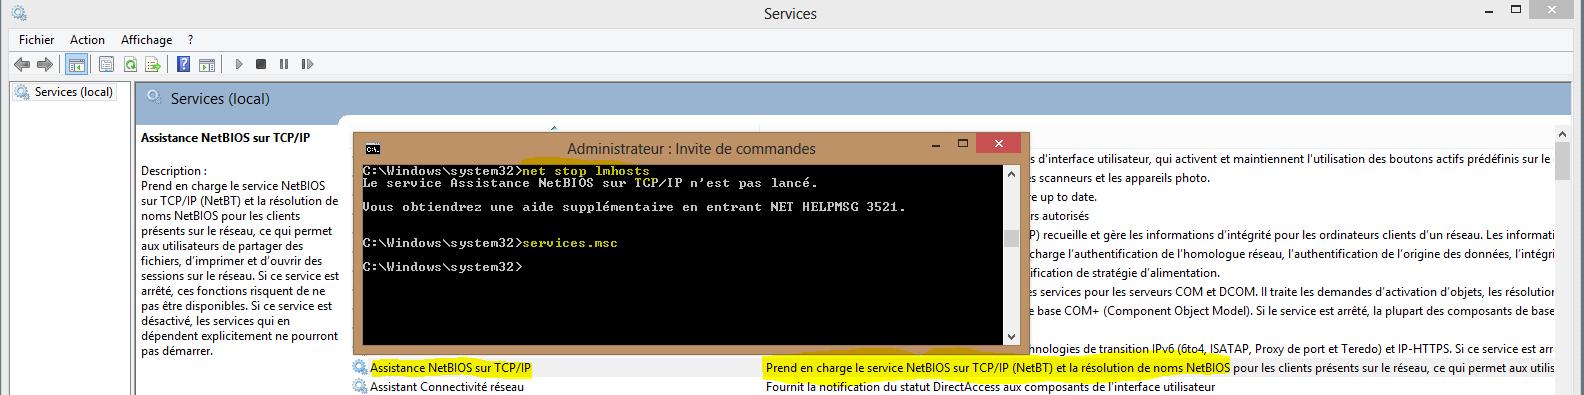 Image 17 Arrêt services.msc Assistance NetBIOS